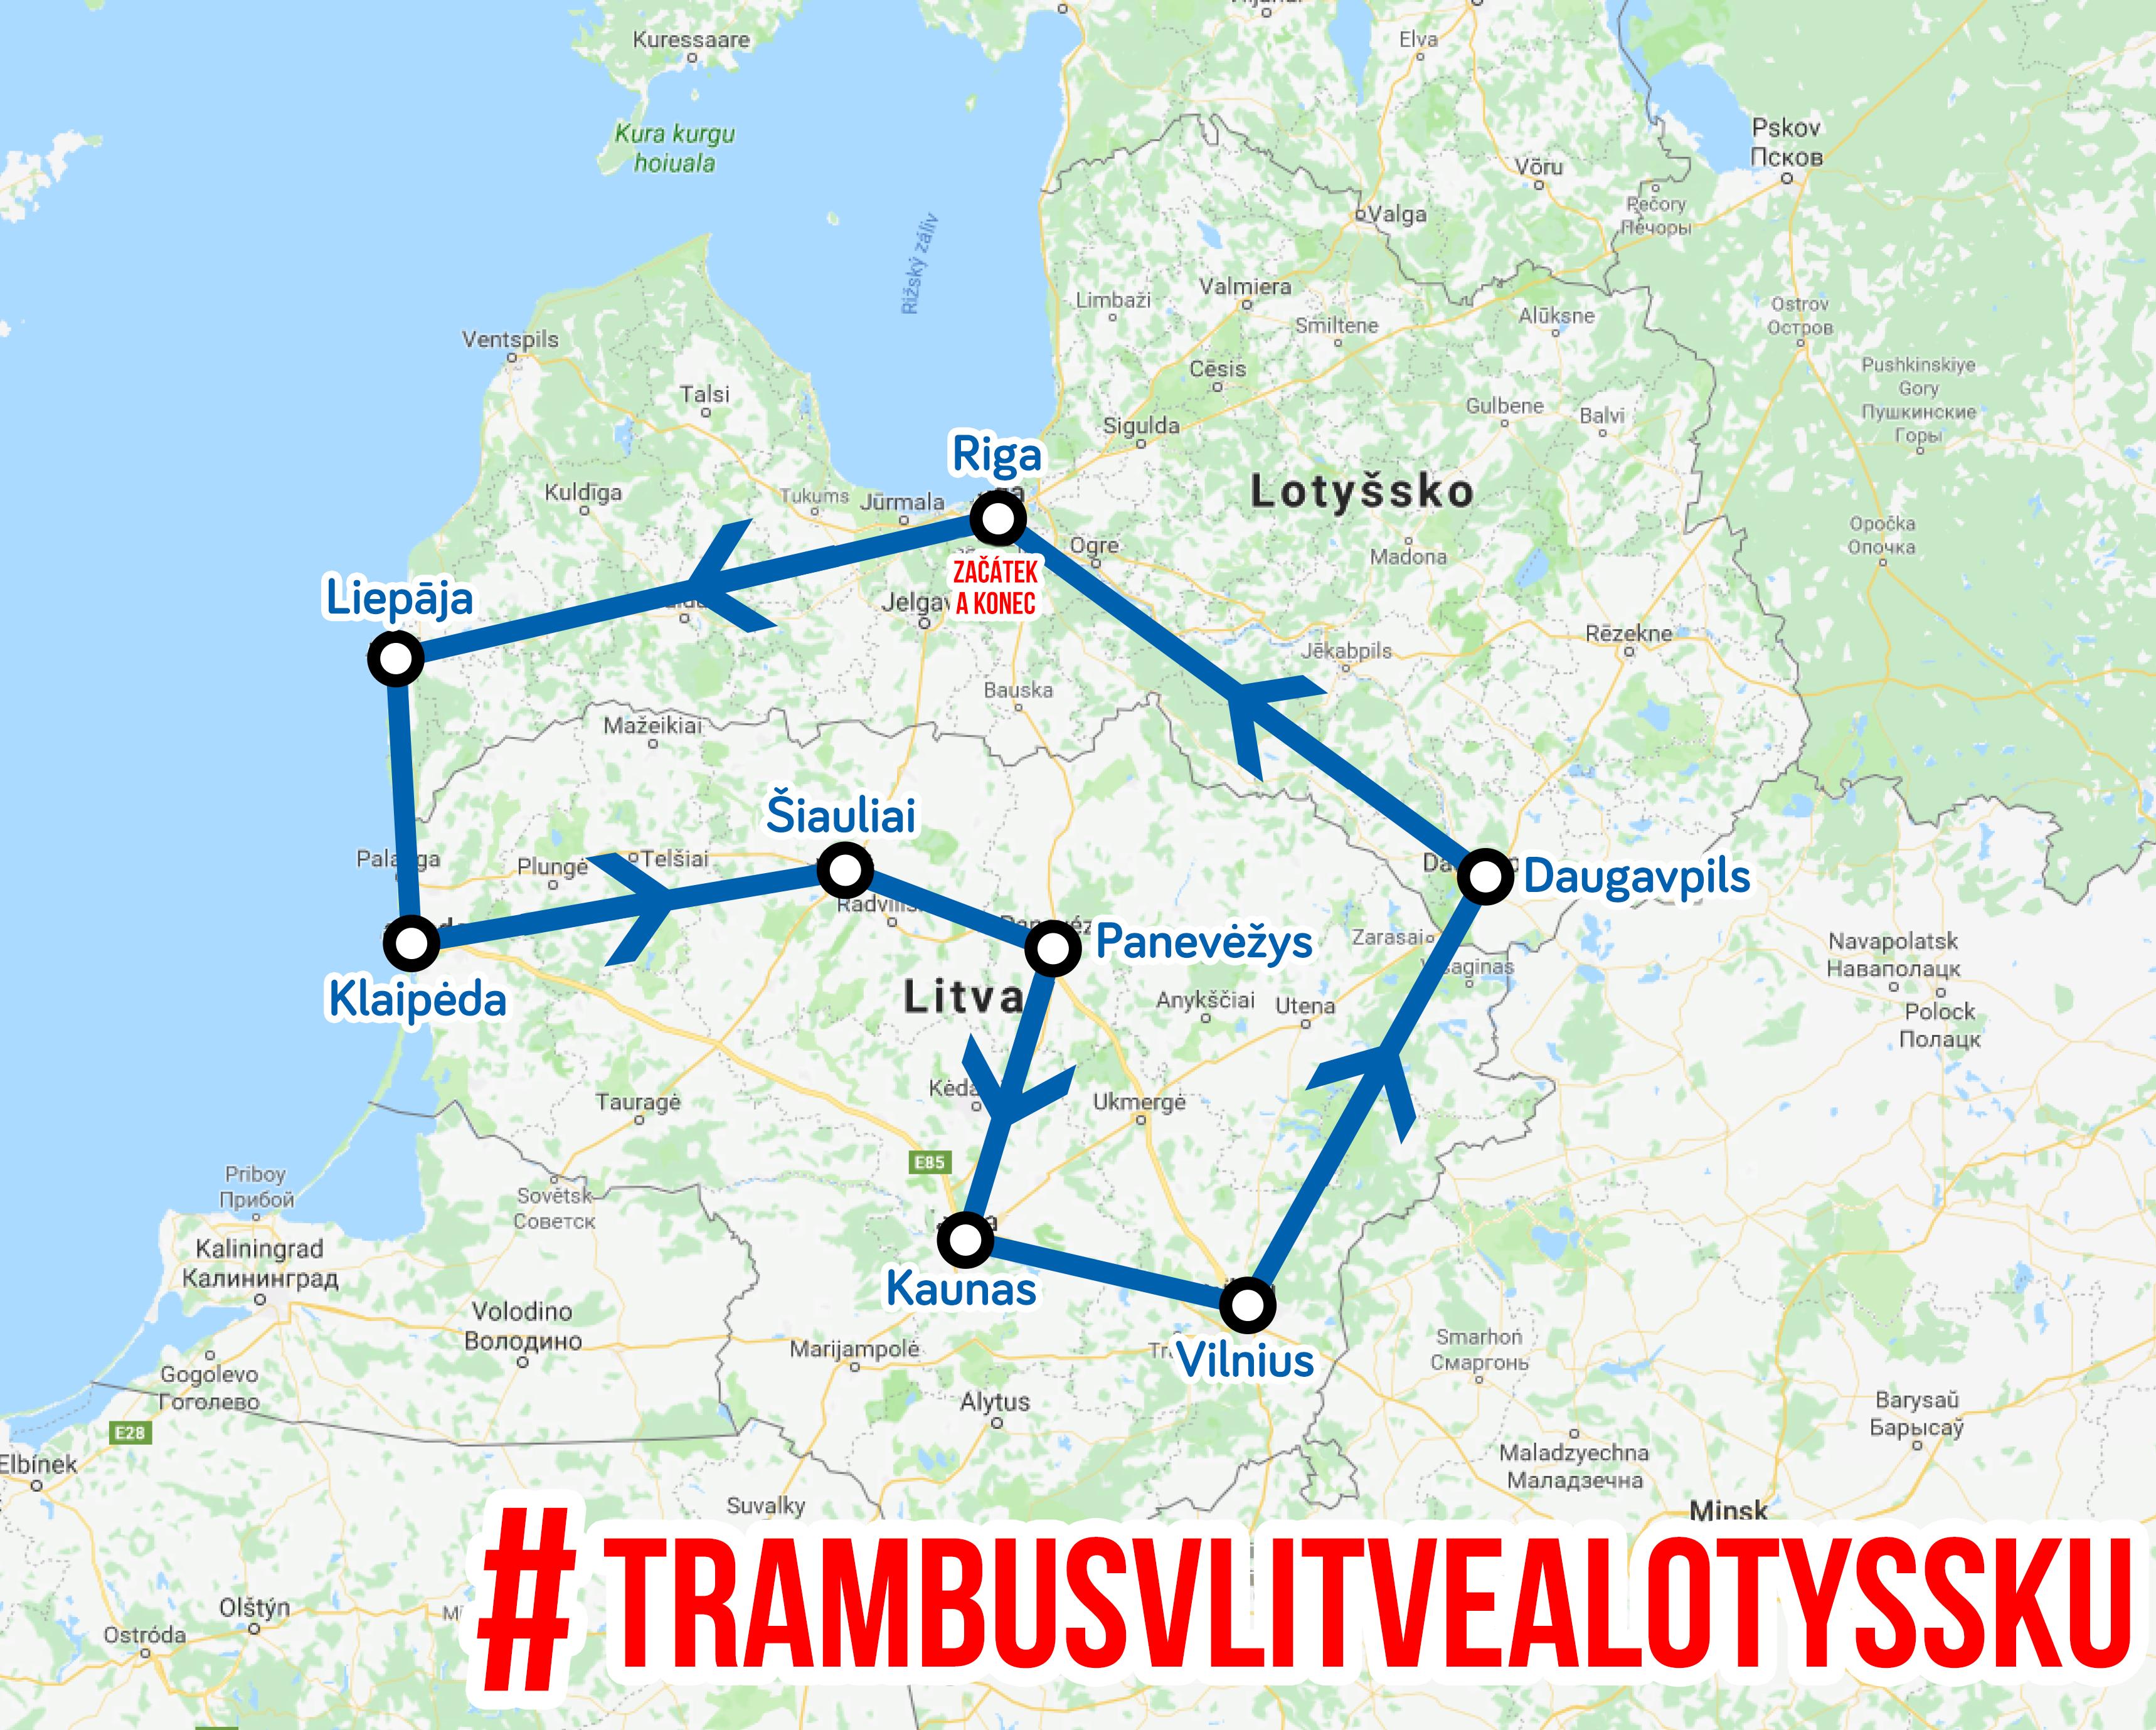 Procestujte s námi Litvu a Lotyšsko - vyrážíme už 12. 8.!